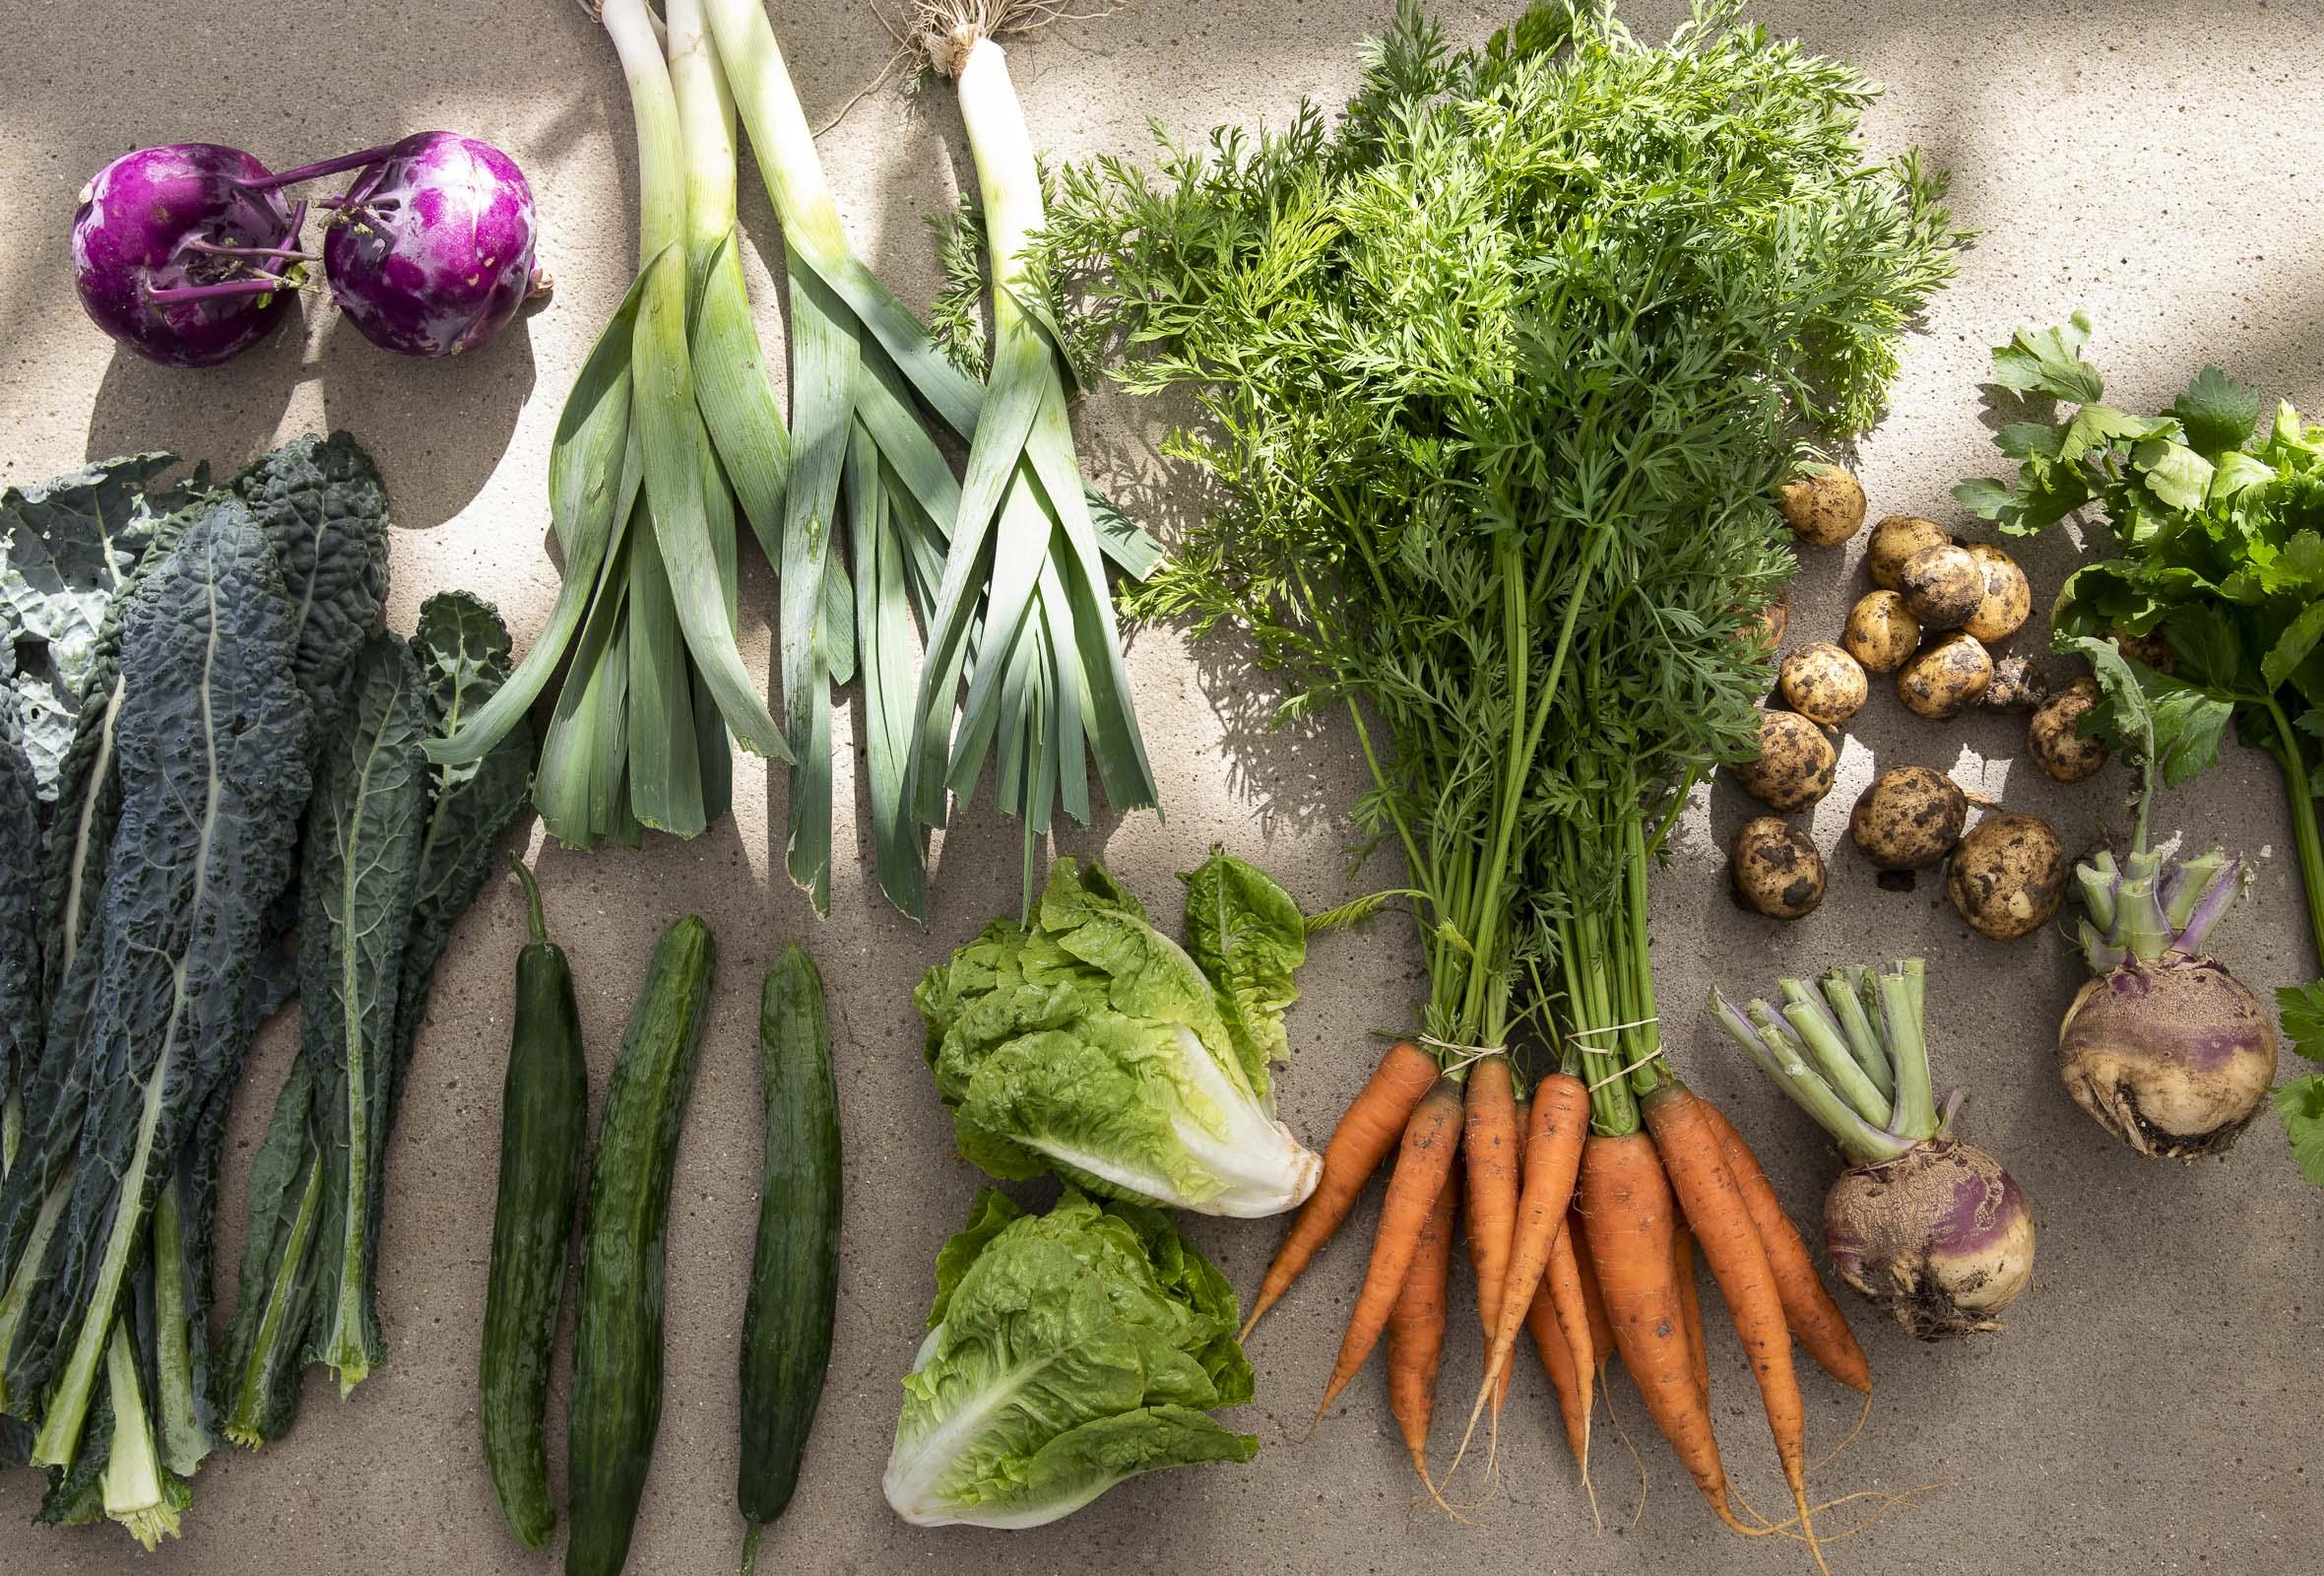 Frit valg til alt hos Kiselgården – Leverandør til Noma, Geranium og AOC! Besøg én af landets mest eftertragtede gårde og få grøntsager, urter og spiselige blomster